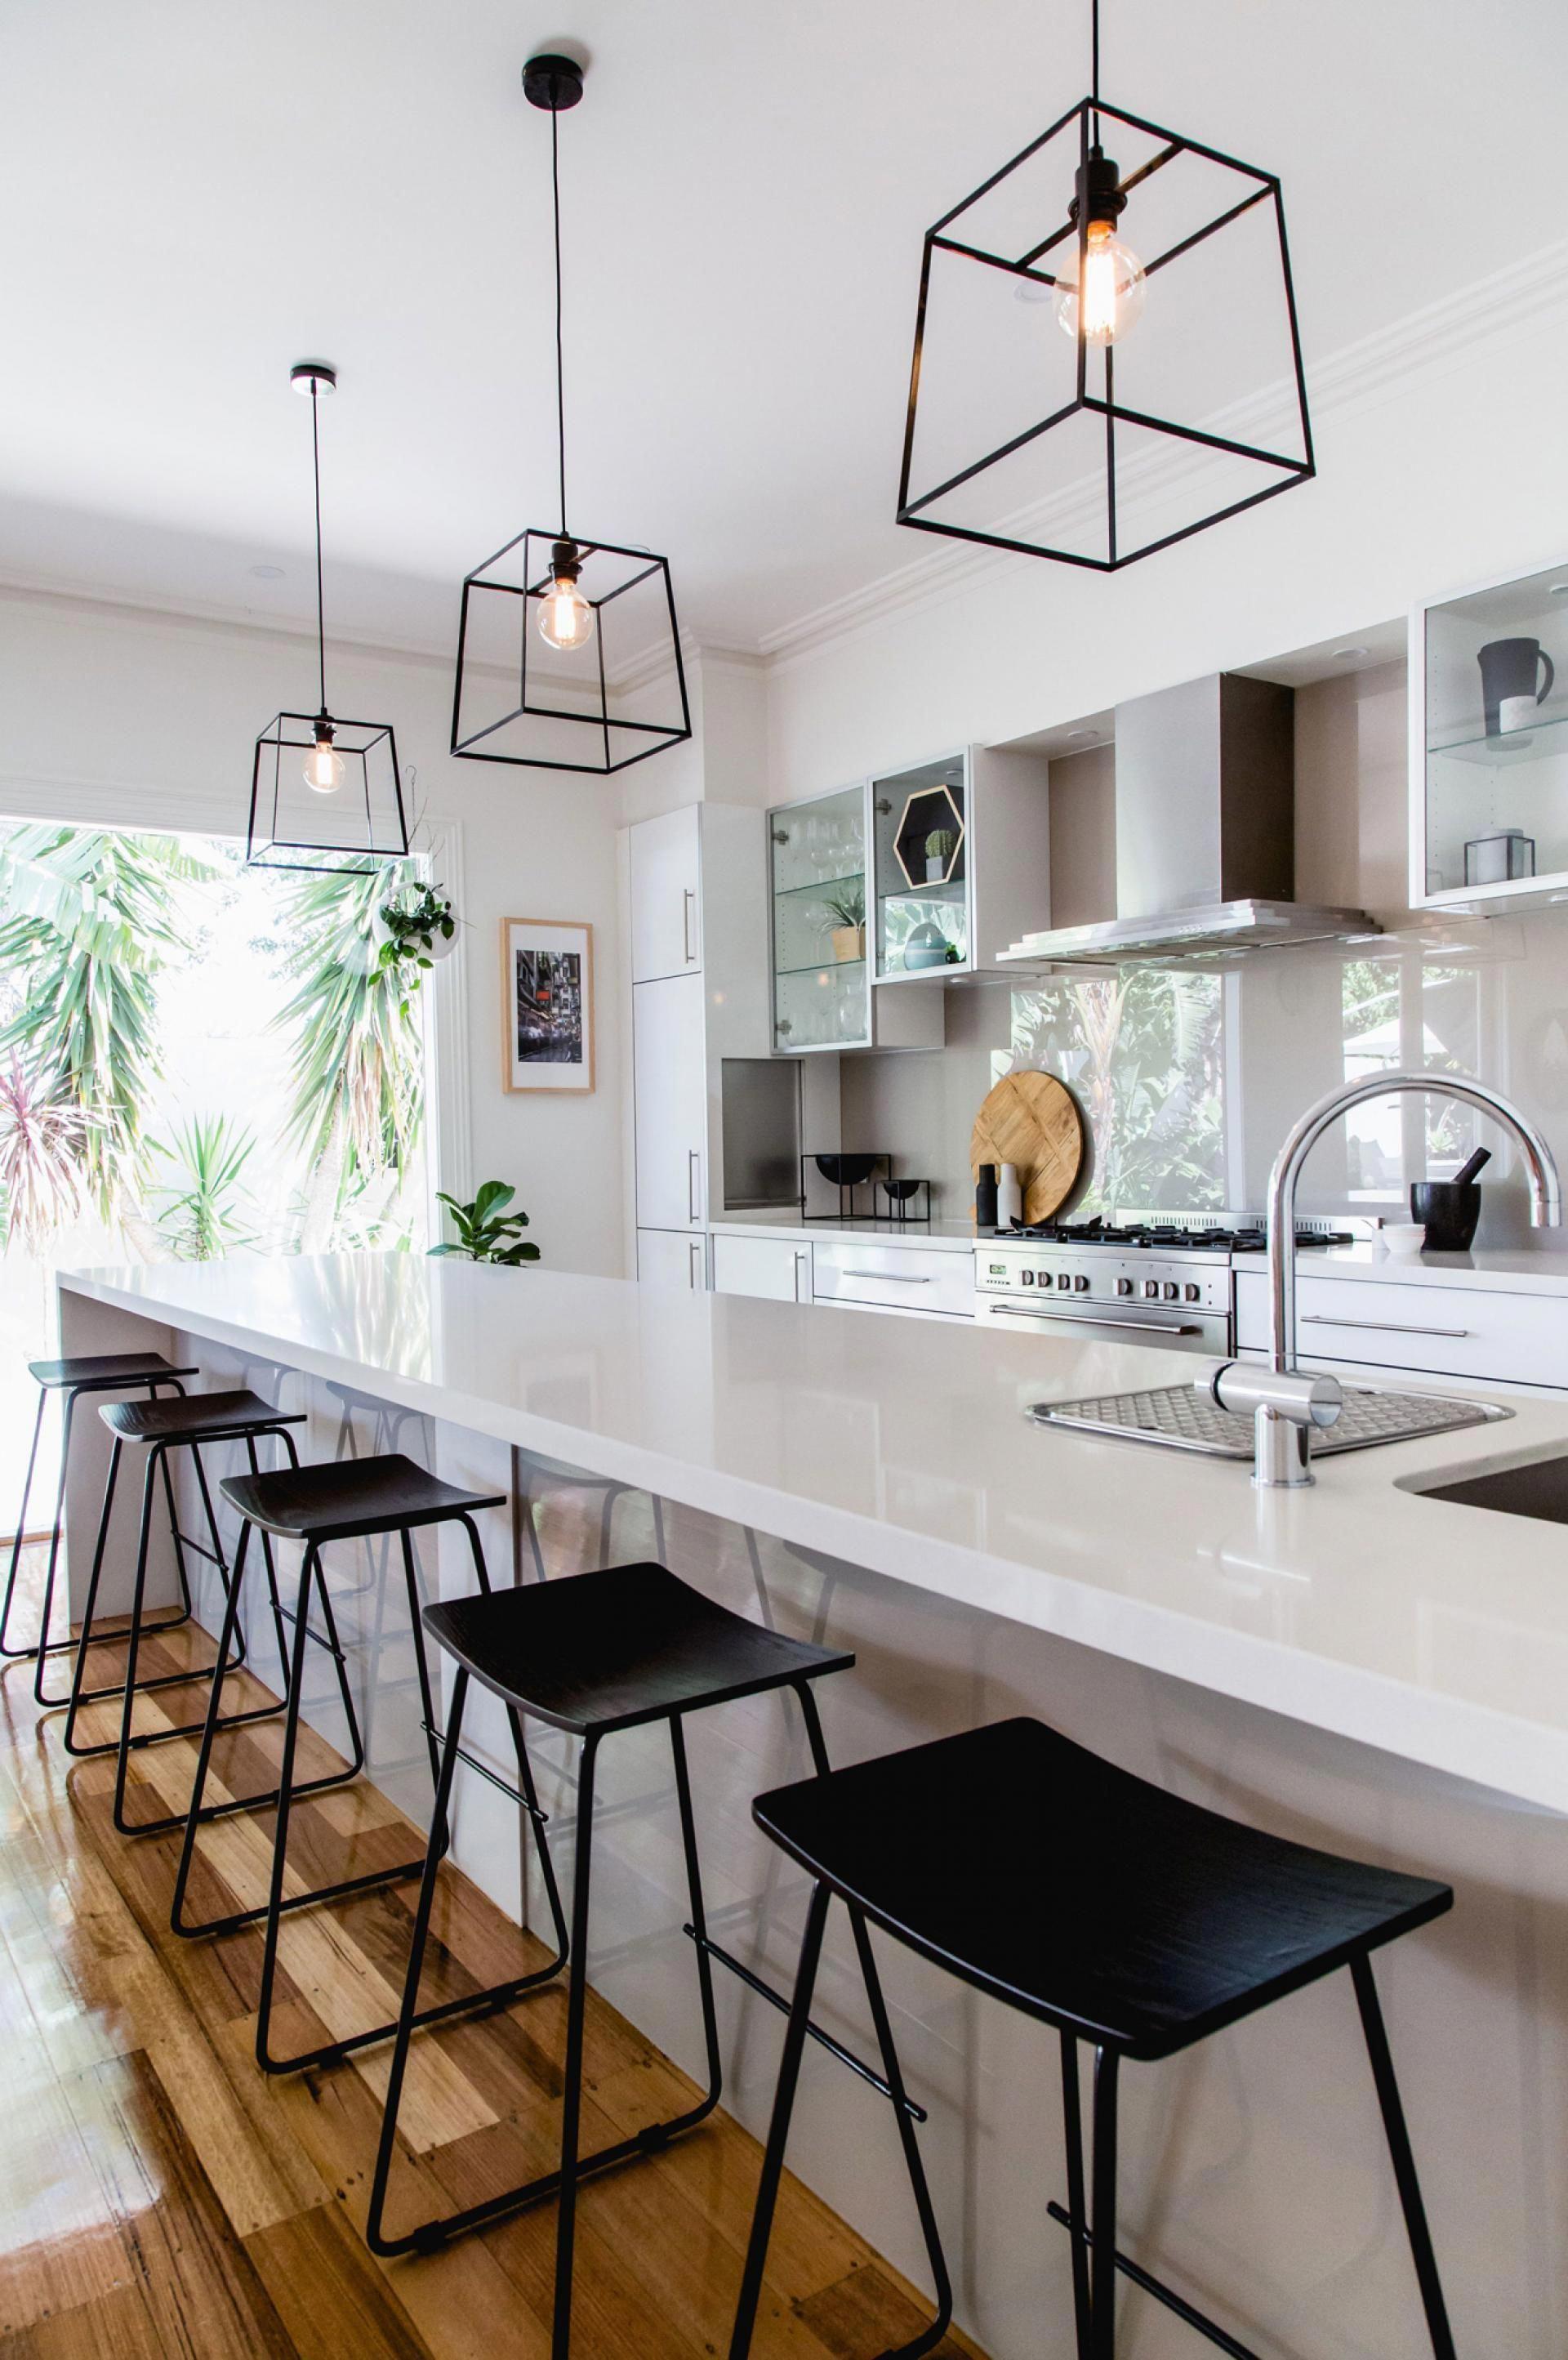 Kitchen Lighting Design Done Right Can Make A Big Difference In Enjoying Your Kitchen Diykitchenstora Home Decor Kitchen Modern Kitchen Best Kitchen Lighting